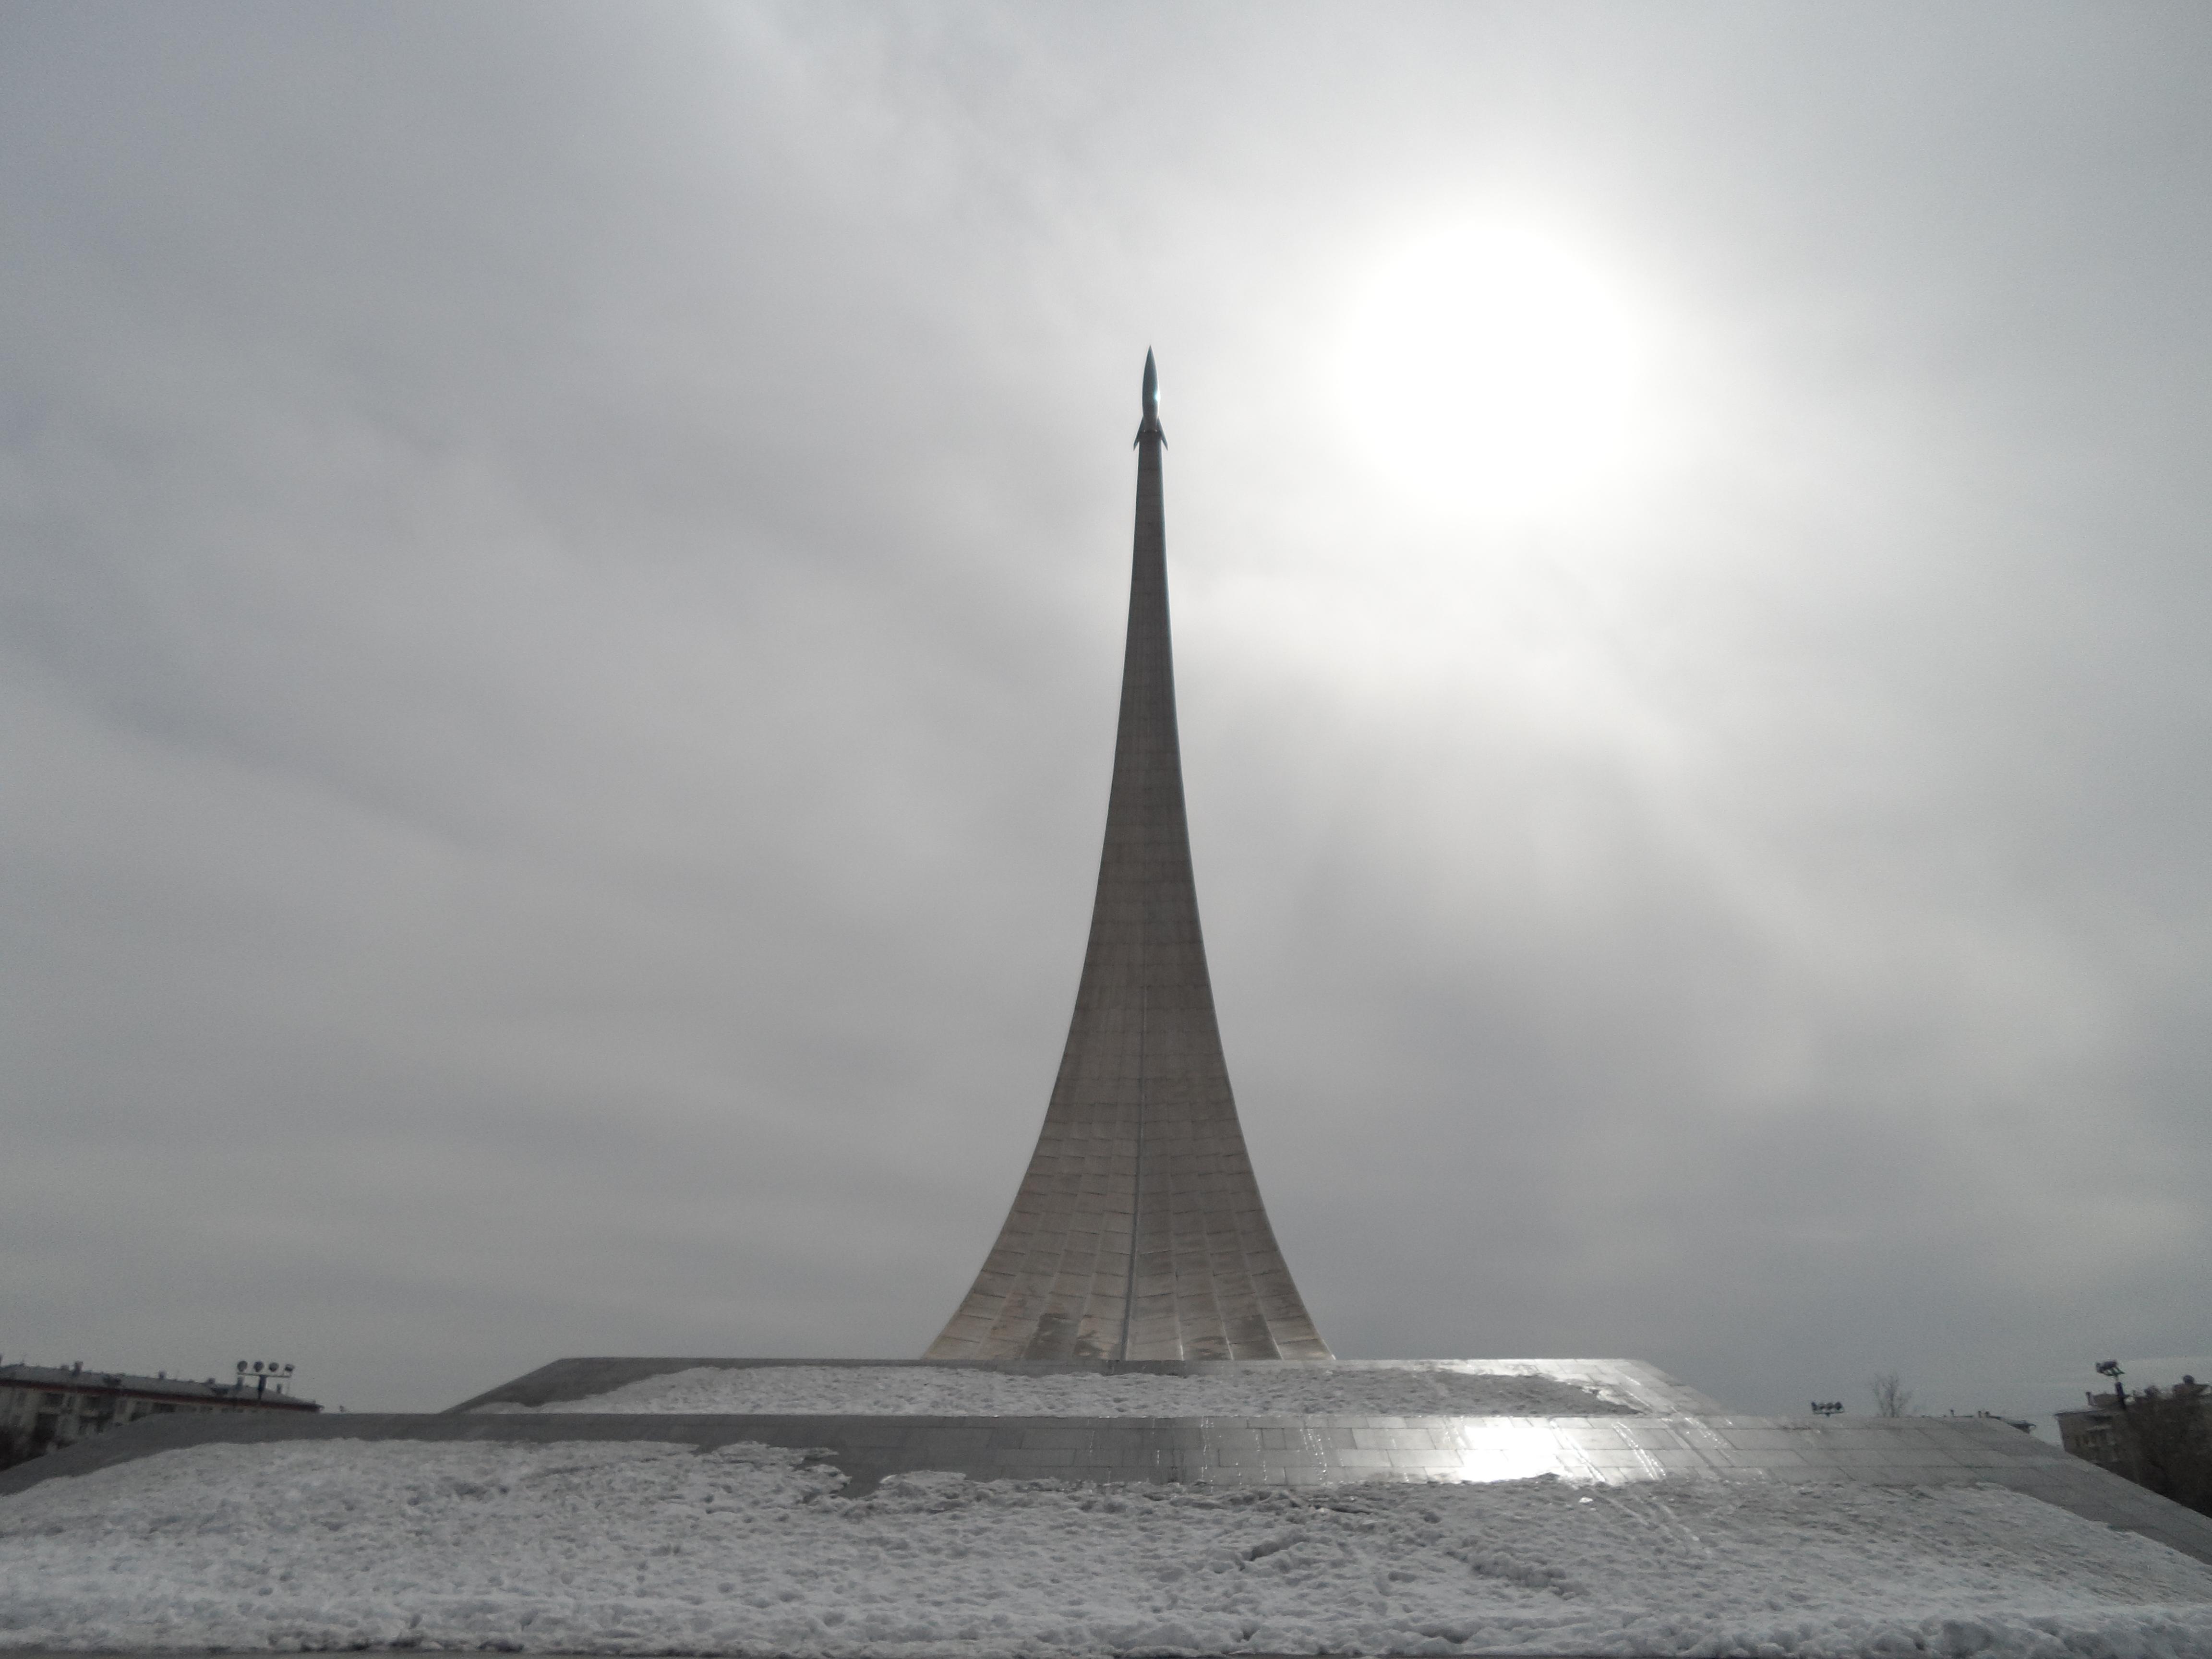 monuments astronomy - photo #49